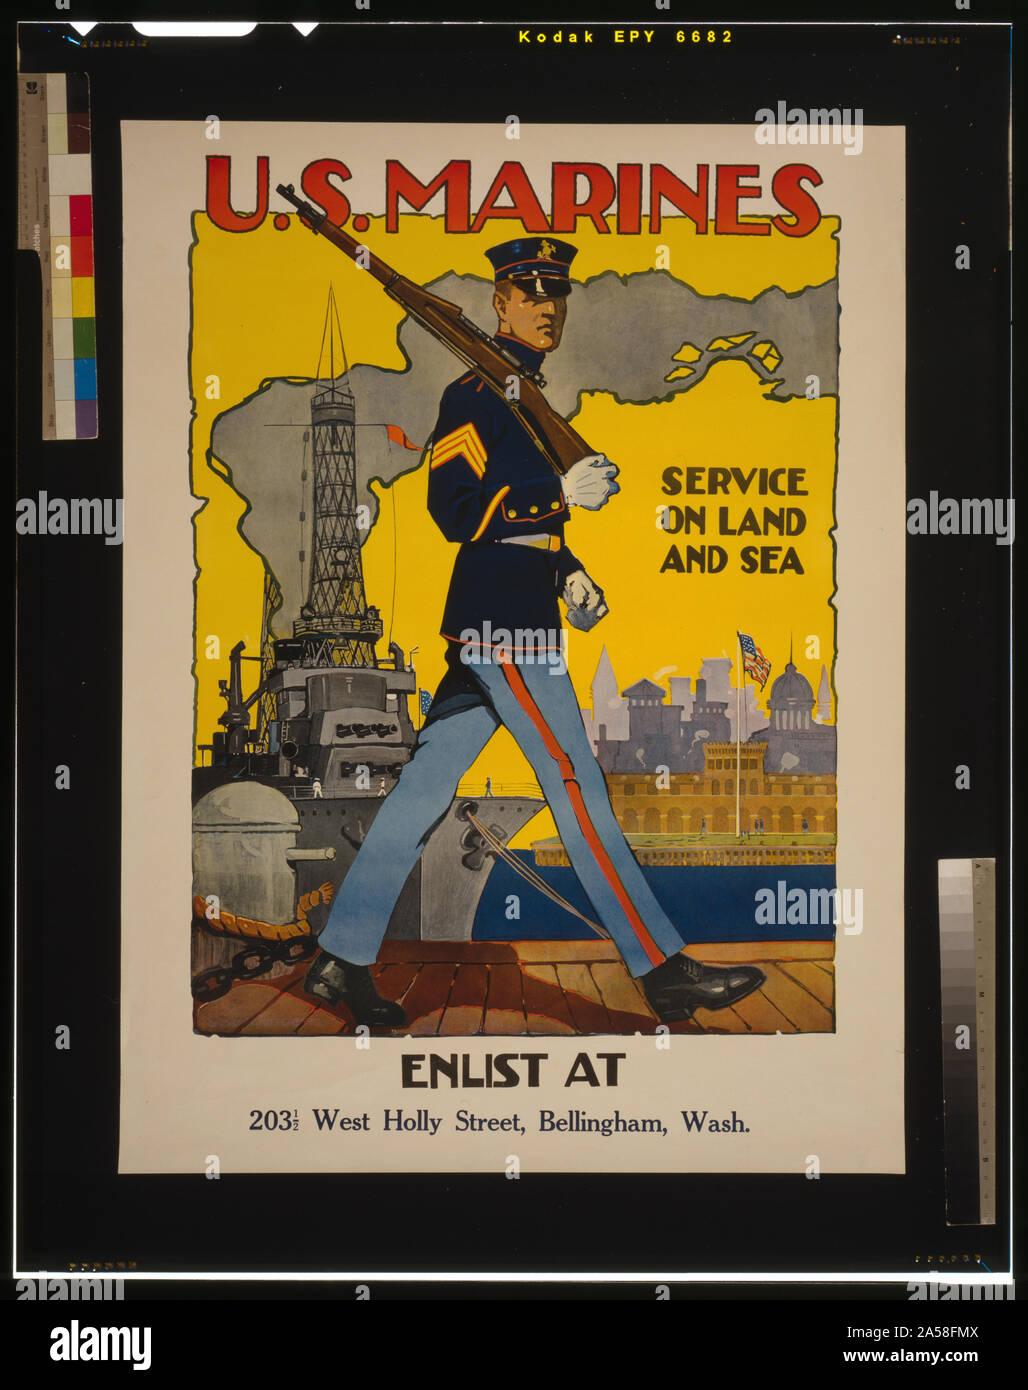 Corps des Marines des États-Unis - Service sur terre et mer / Sidney H. Riesenberg. Banque D'Images